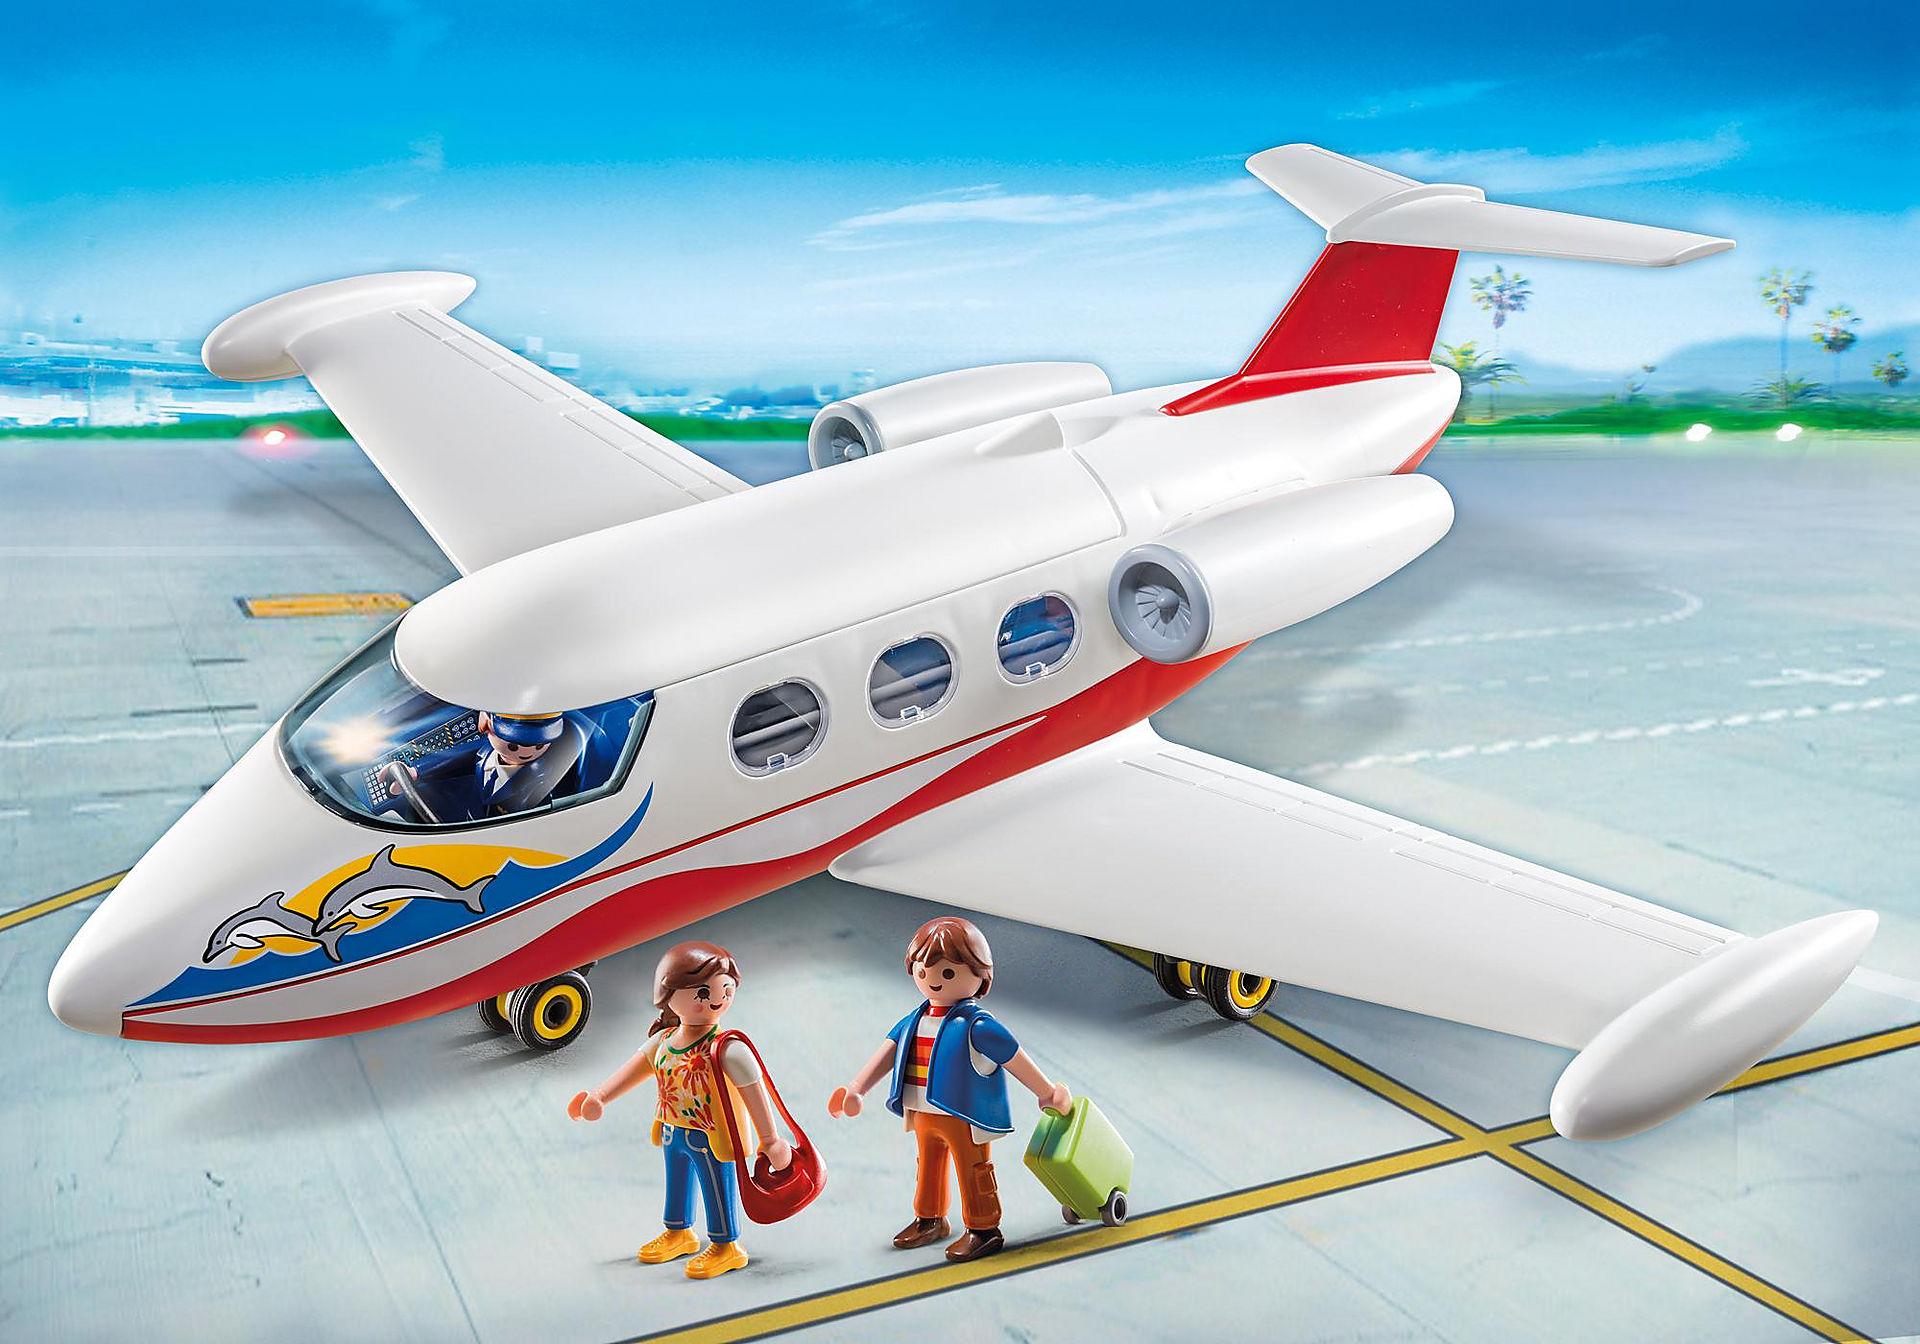 http://media.playmobil.com/i/playmobil/6081_product_detail/Avion avec pilote et touristes